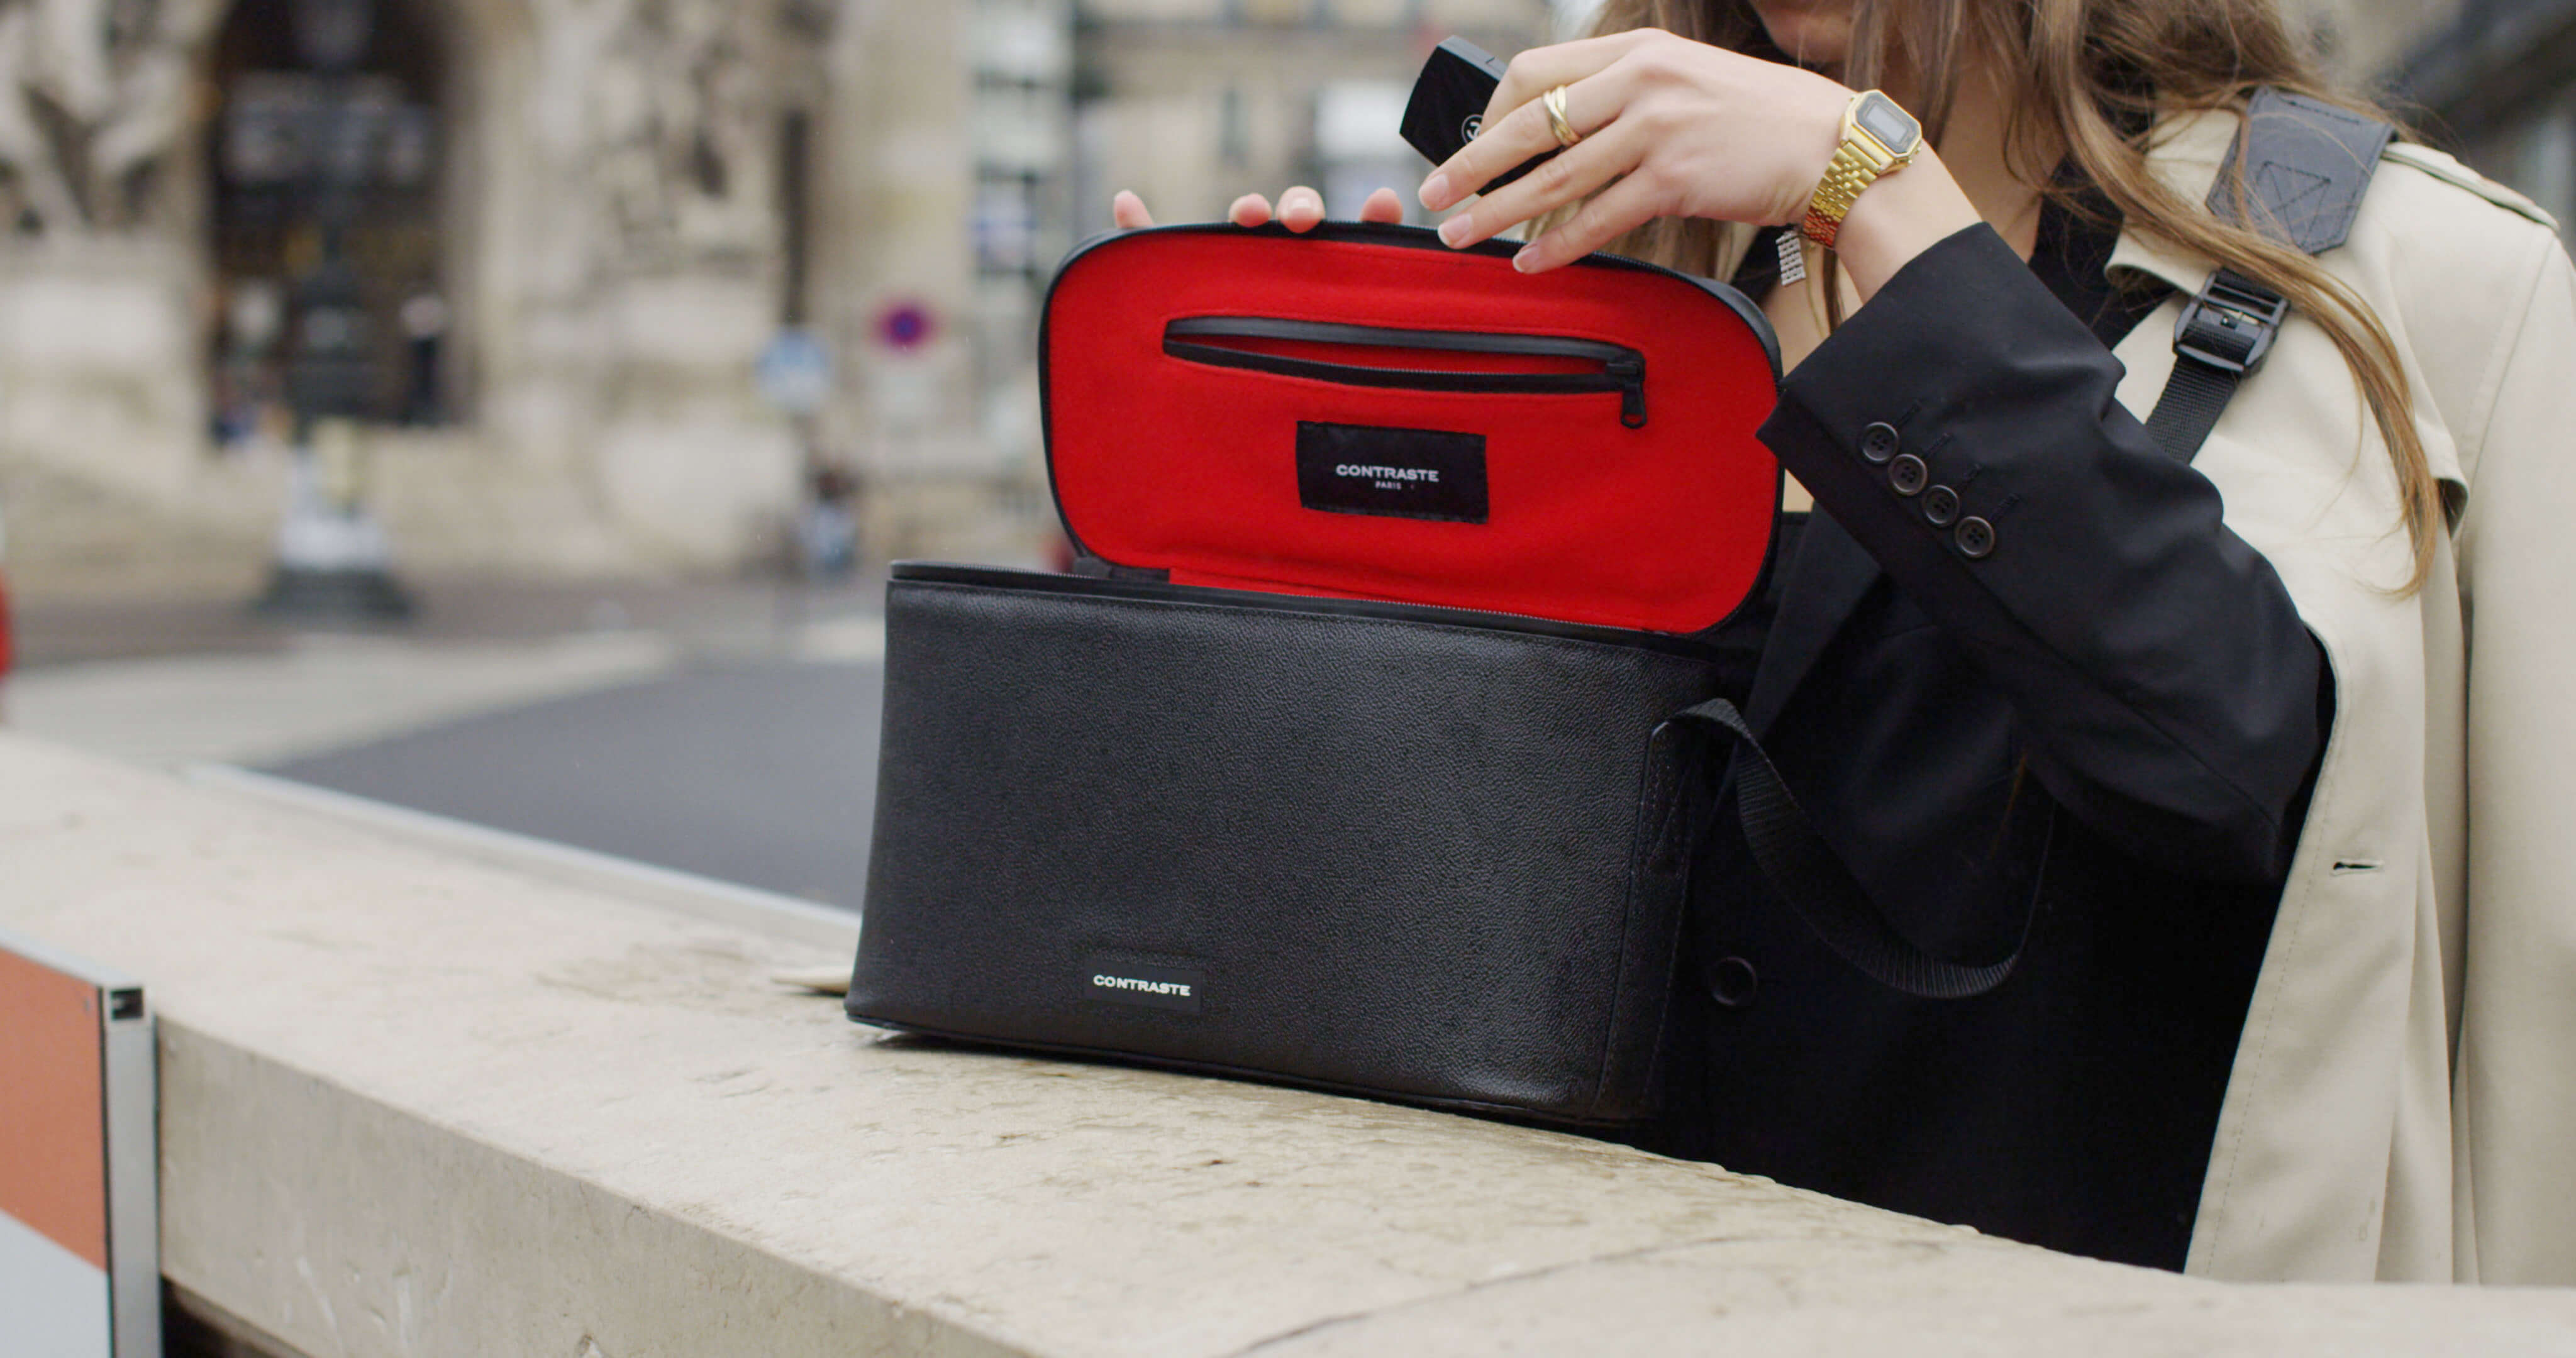 sac photo bandoulière contraste paris cuir noir étanche voyage photographe compact messenger leica ordinateur femme randonnée contraste